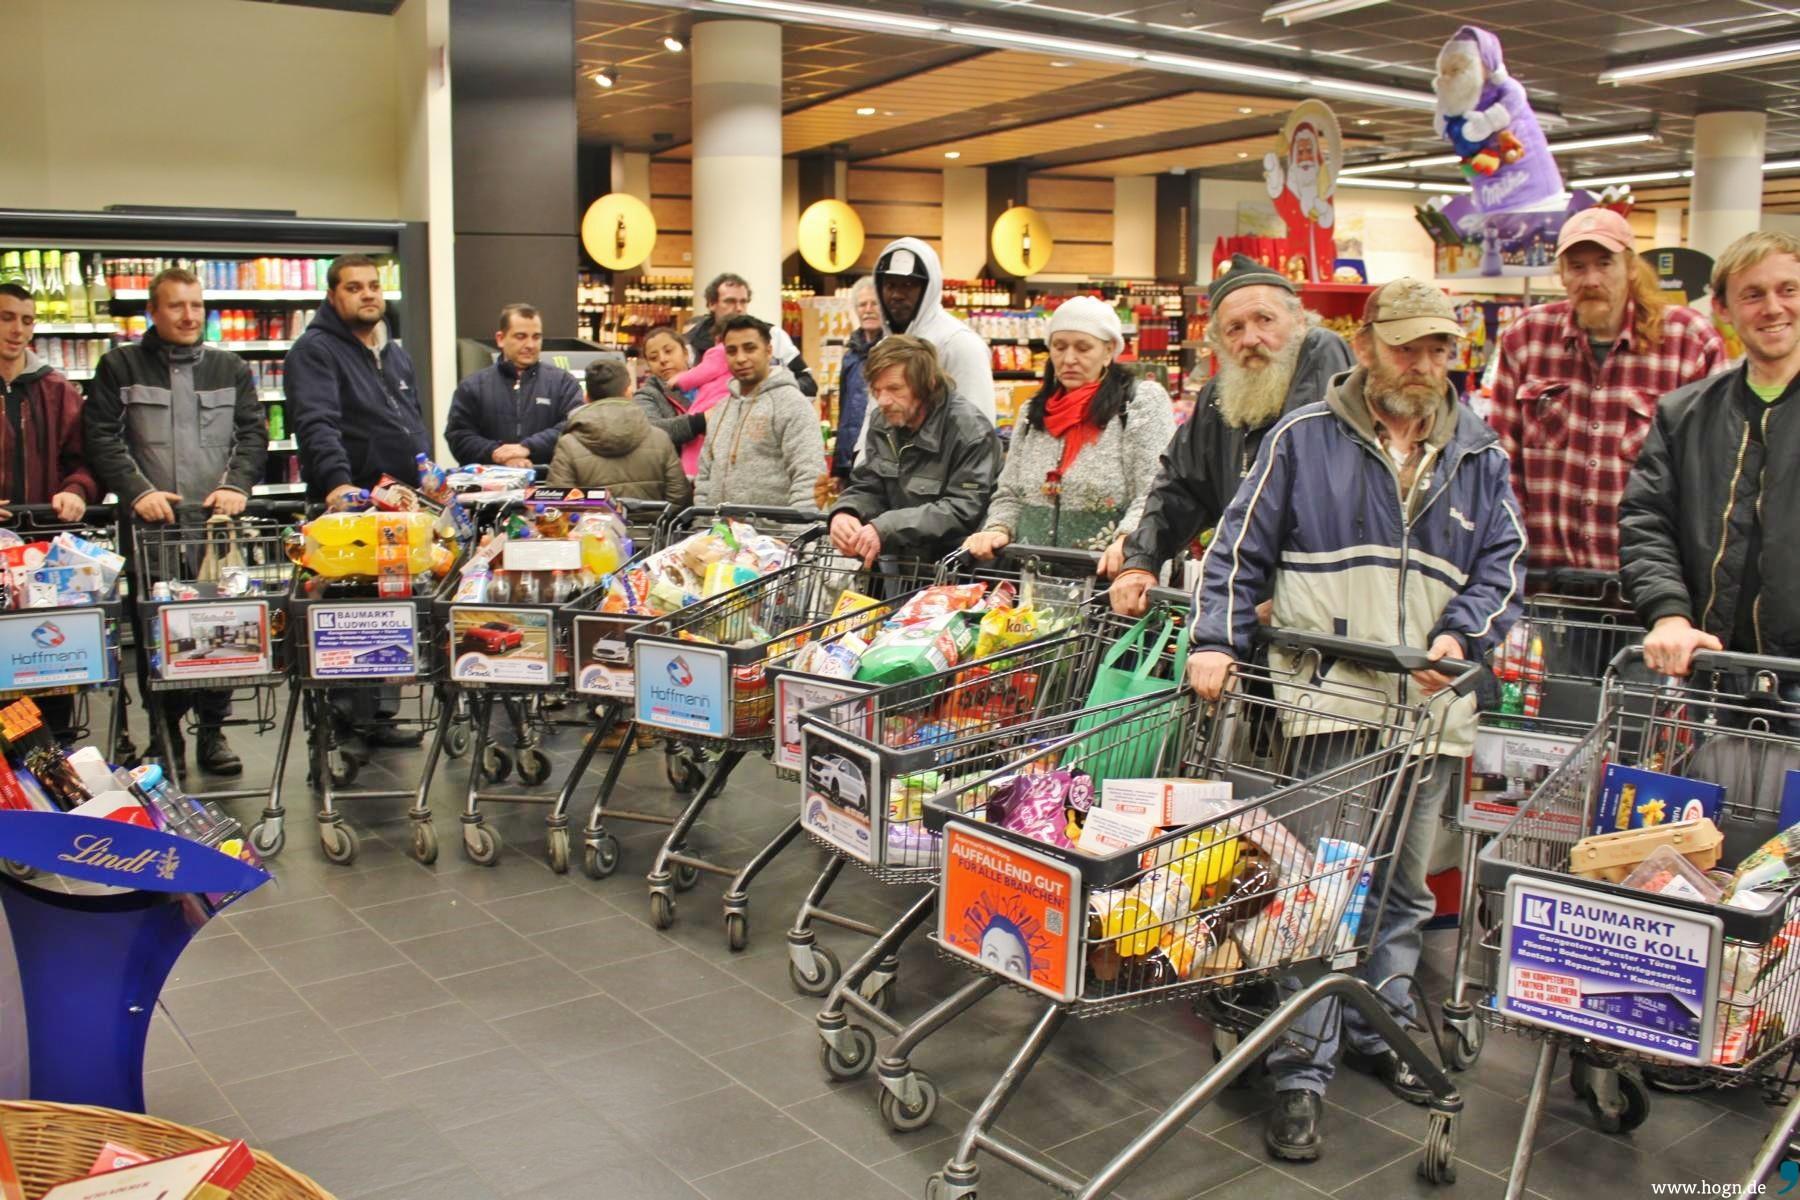 Gratis-Weihnachtseinkauf: Freyung hilft e.V. denkt an bedürftige ...